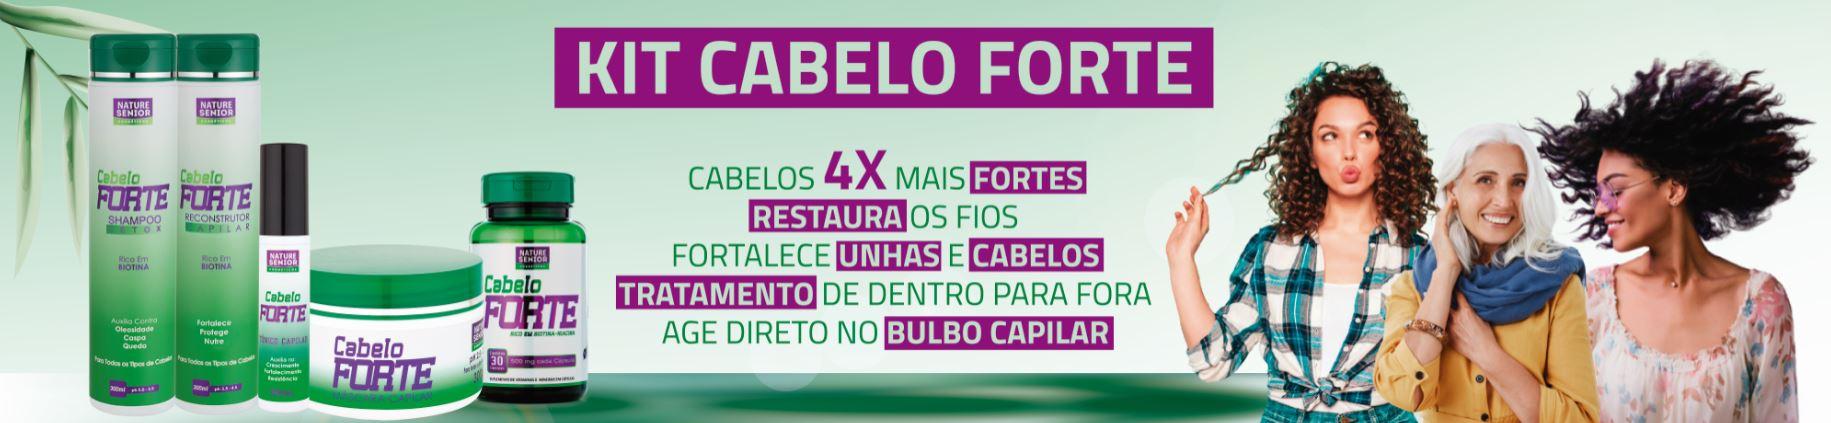 CABELO FORTE NOVO